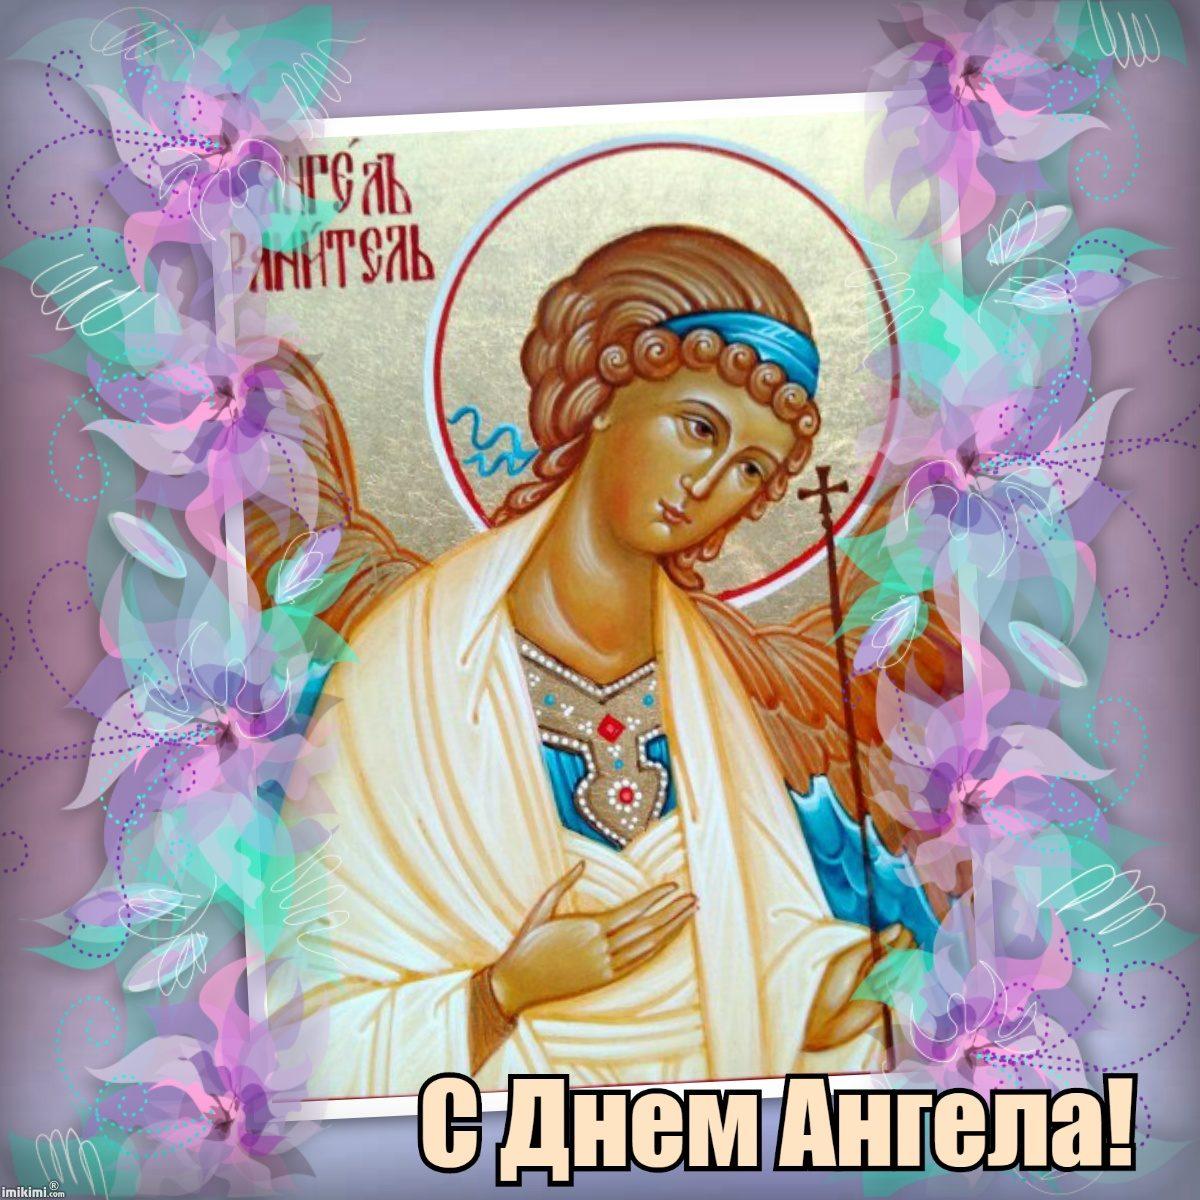 8 сентября день ангела картинки и открытки (6)